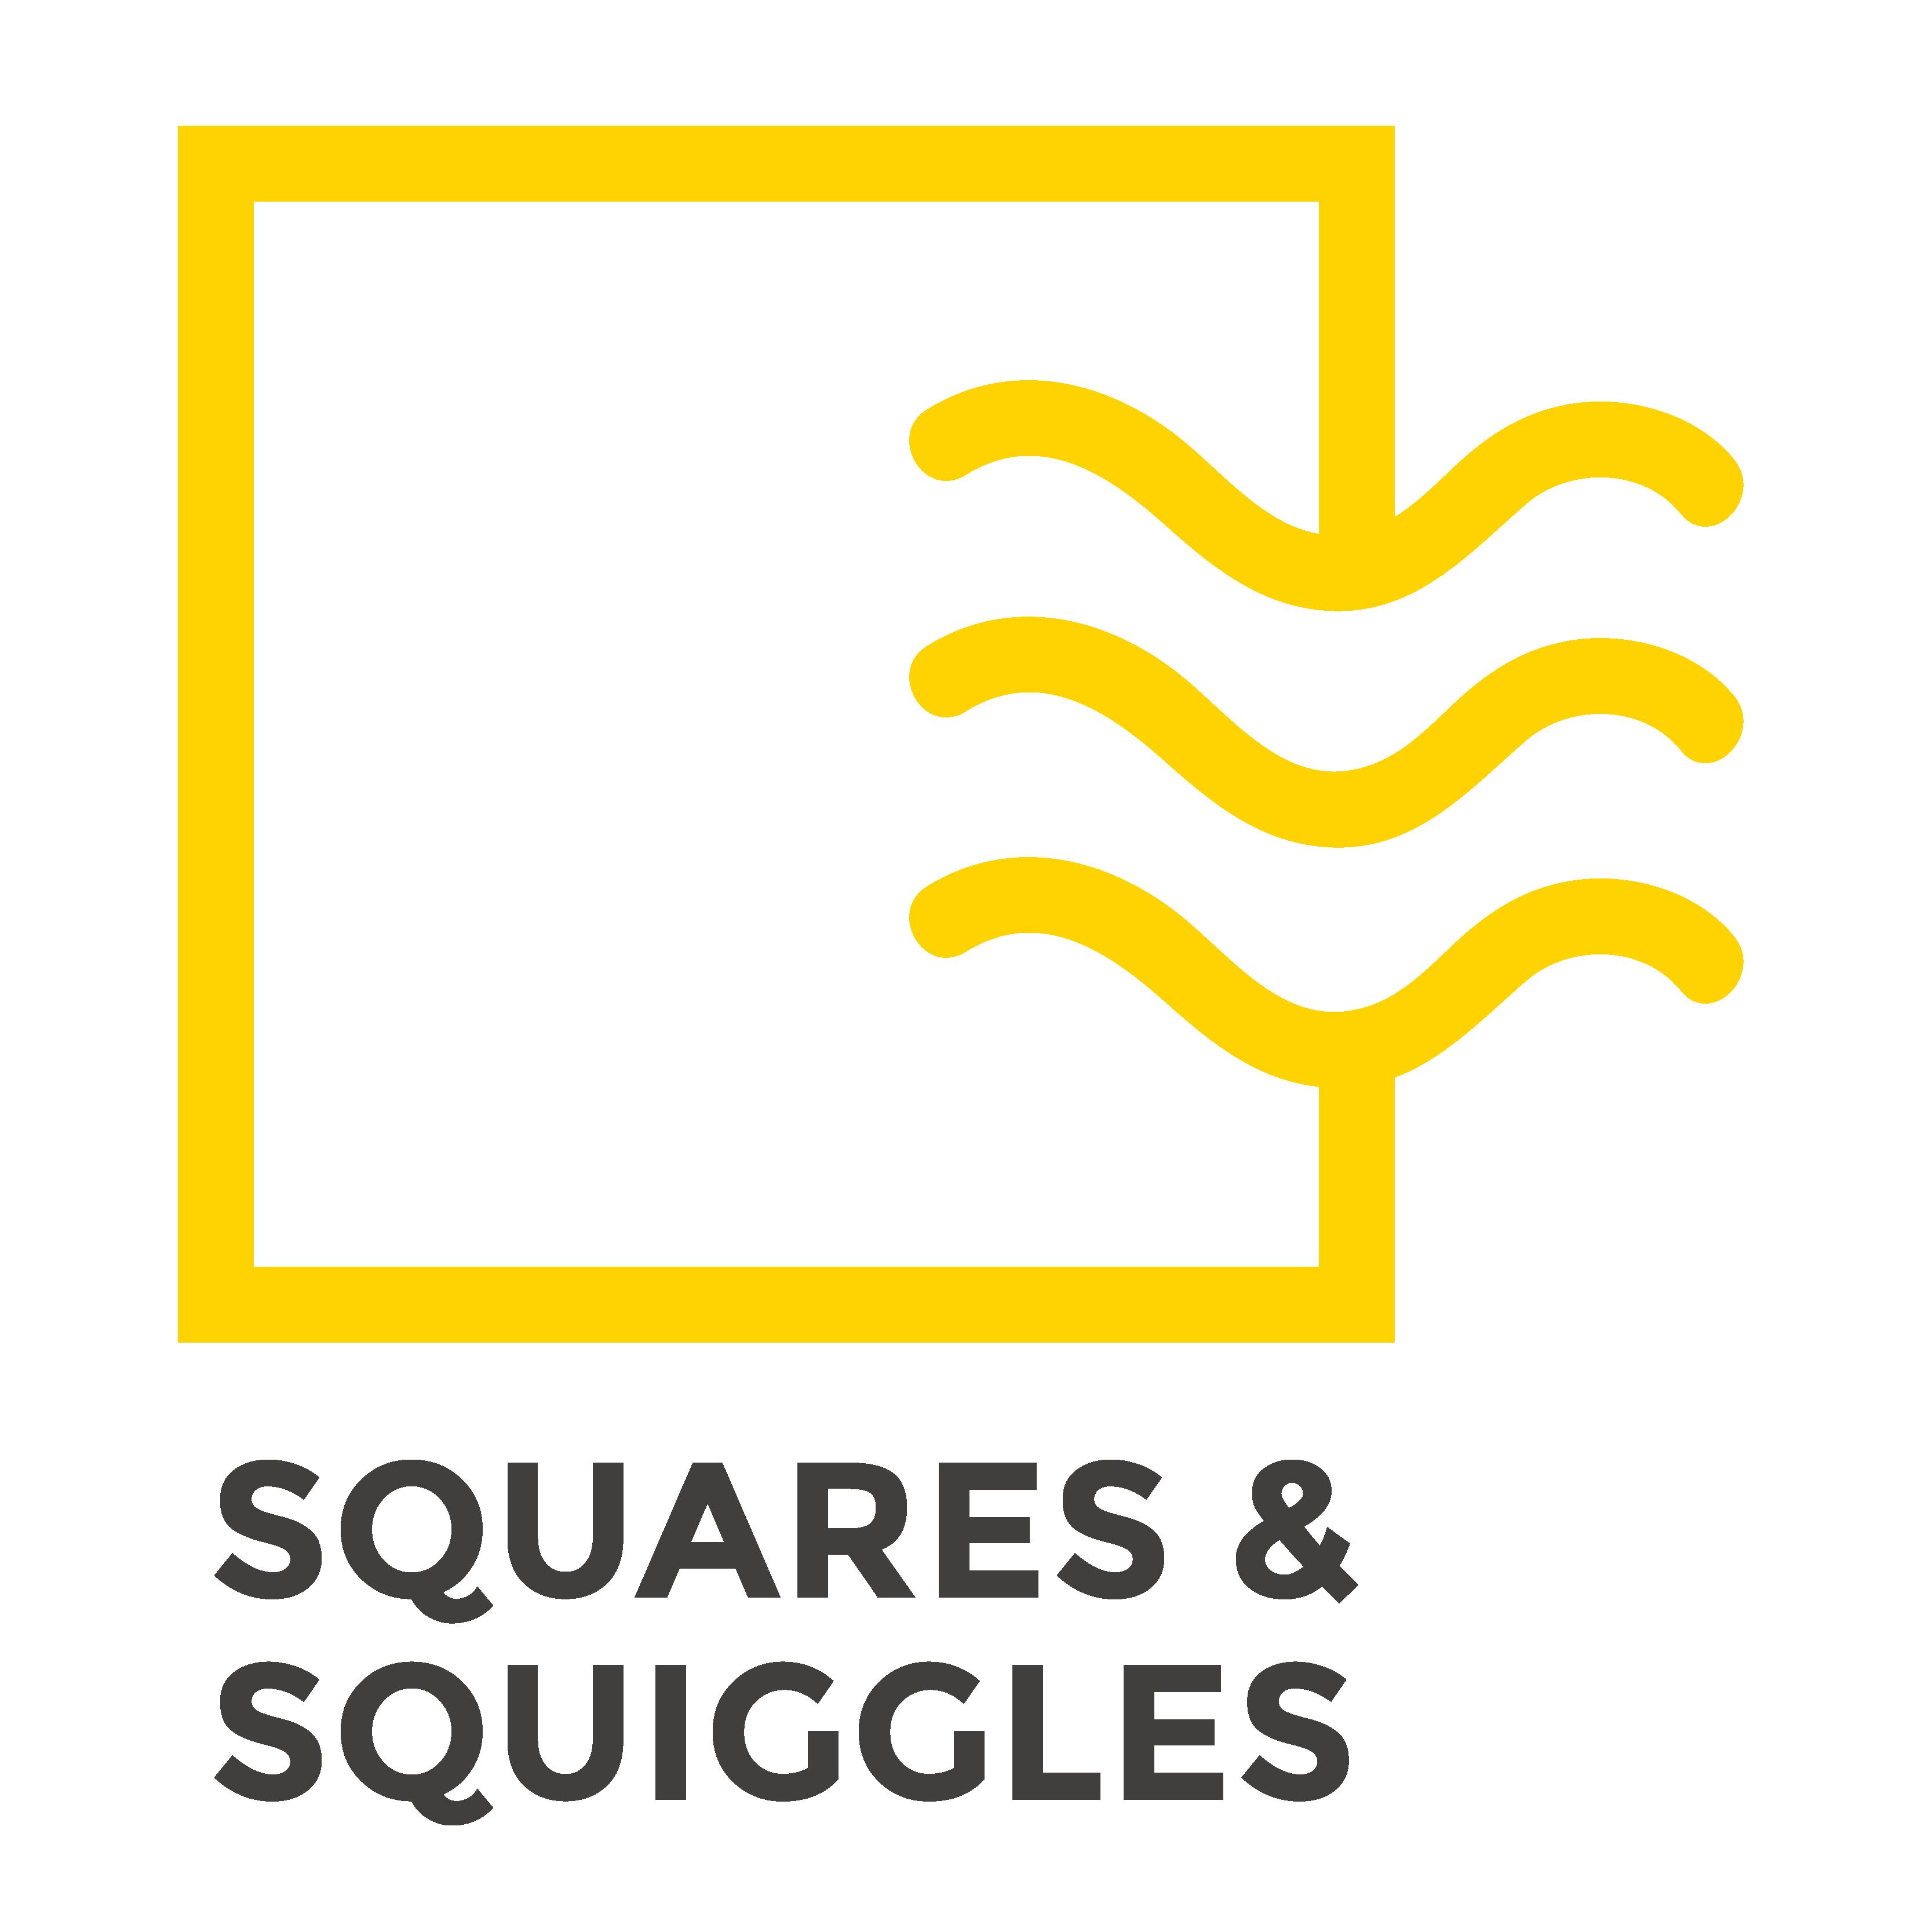 Squares Squiggles